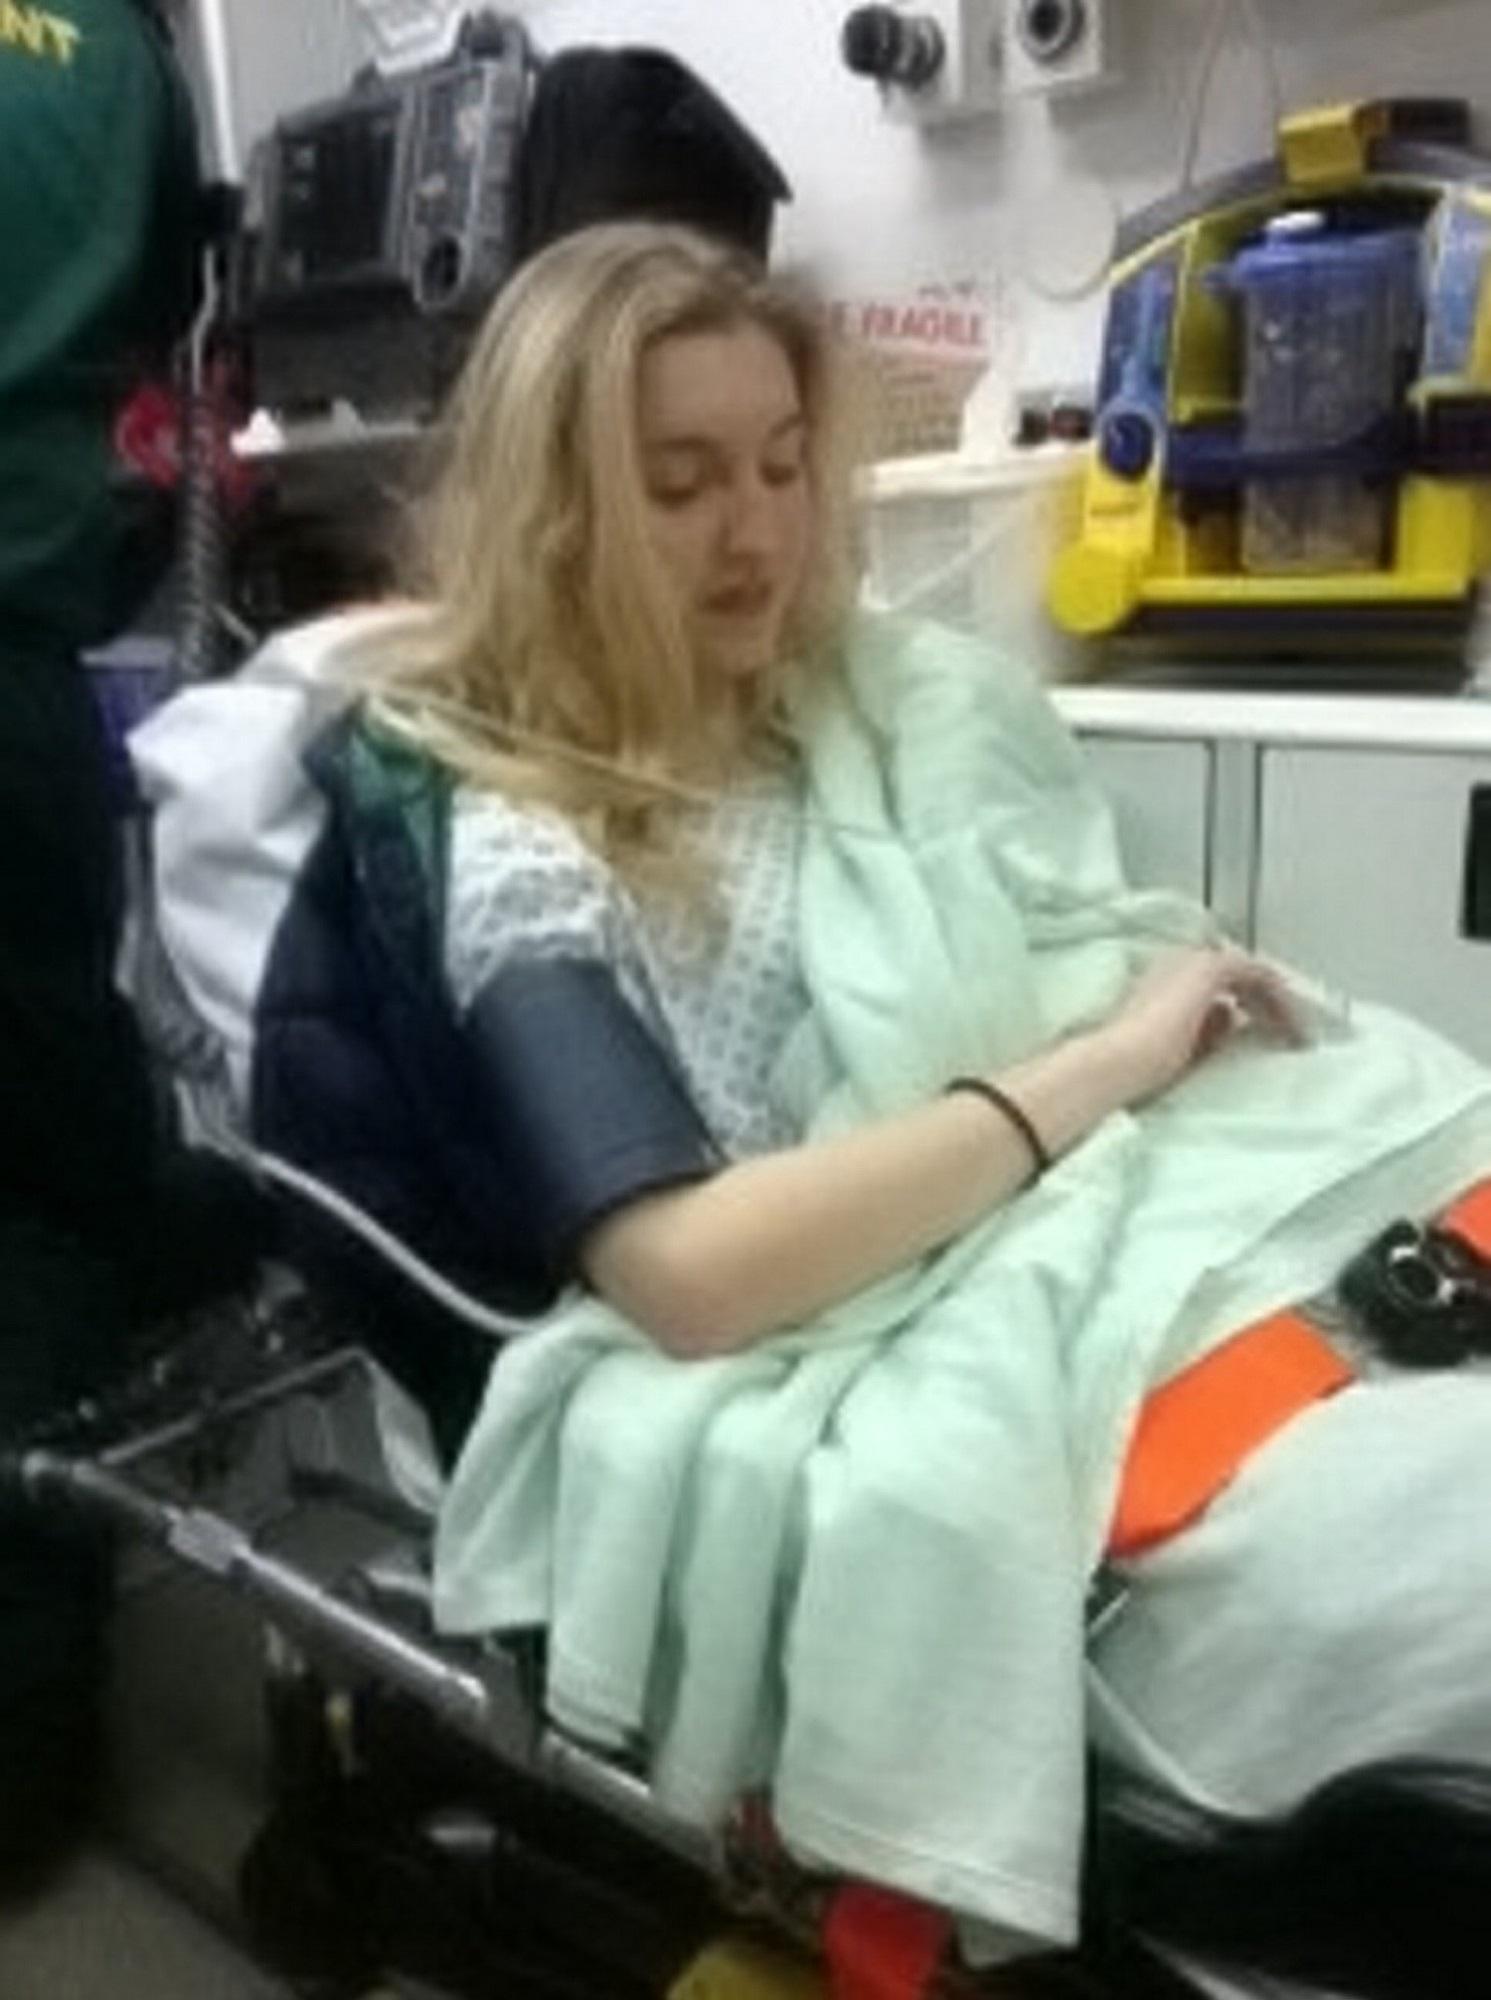 Cô gái Anh 18 tuổi gặp phản ứng phụ khi dùng thuốc tránh thai để trị mụn đến nỗi suýt mất mạng - Ảnh 3